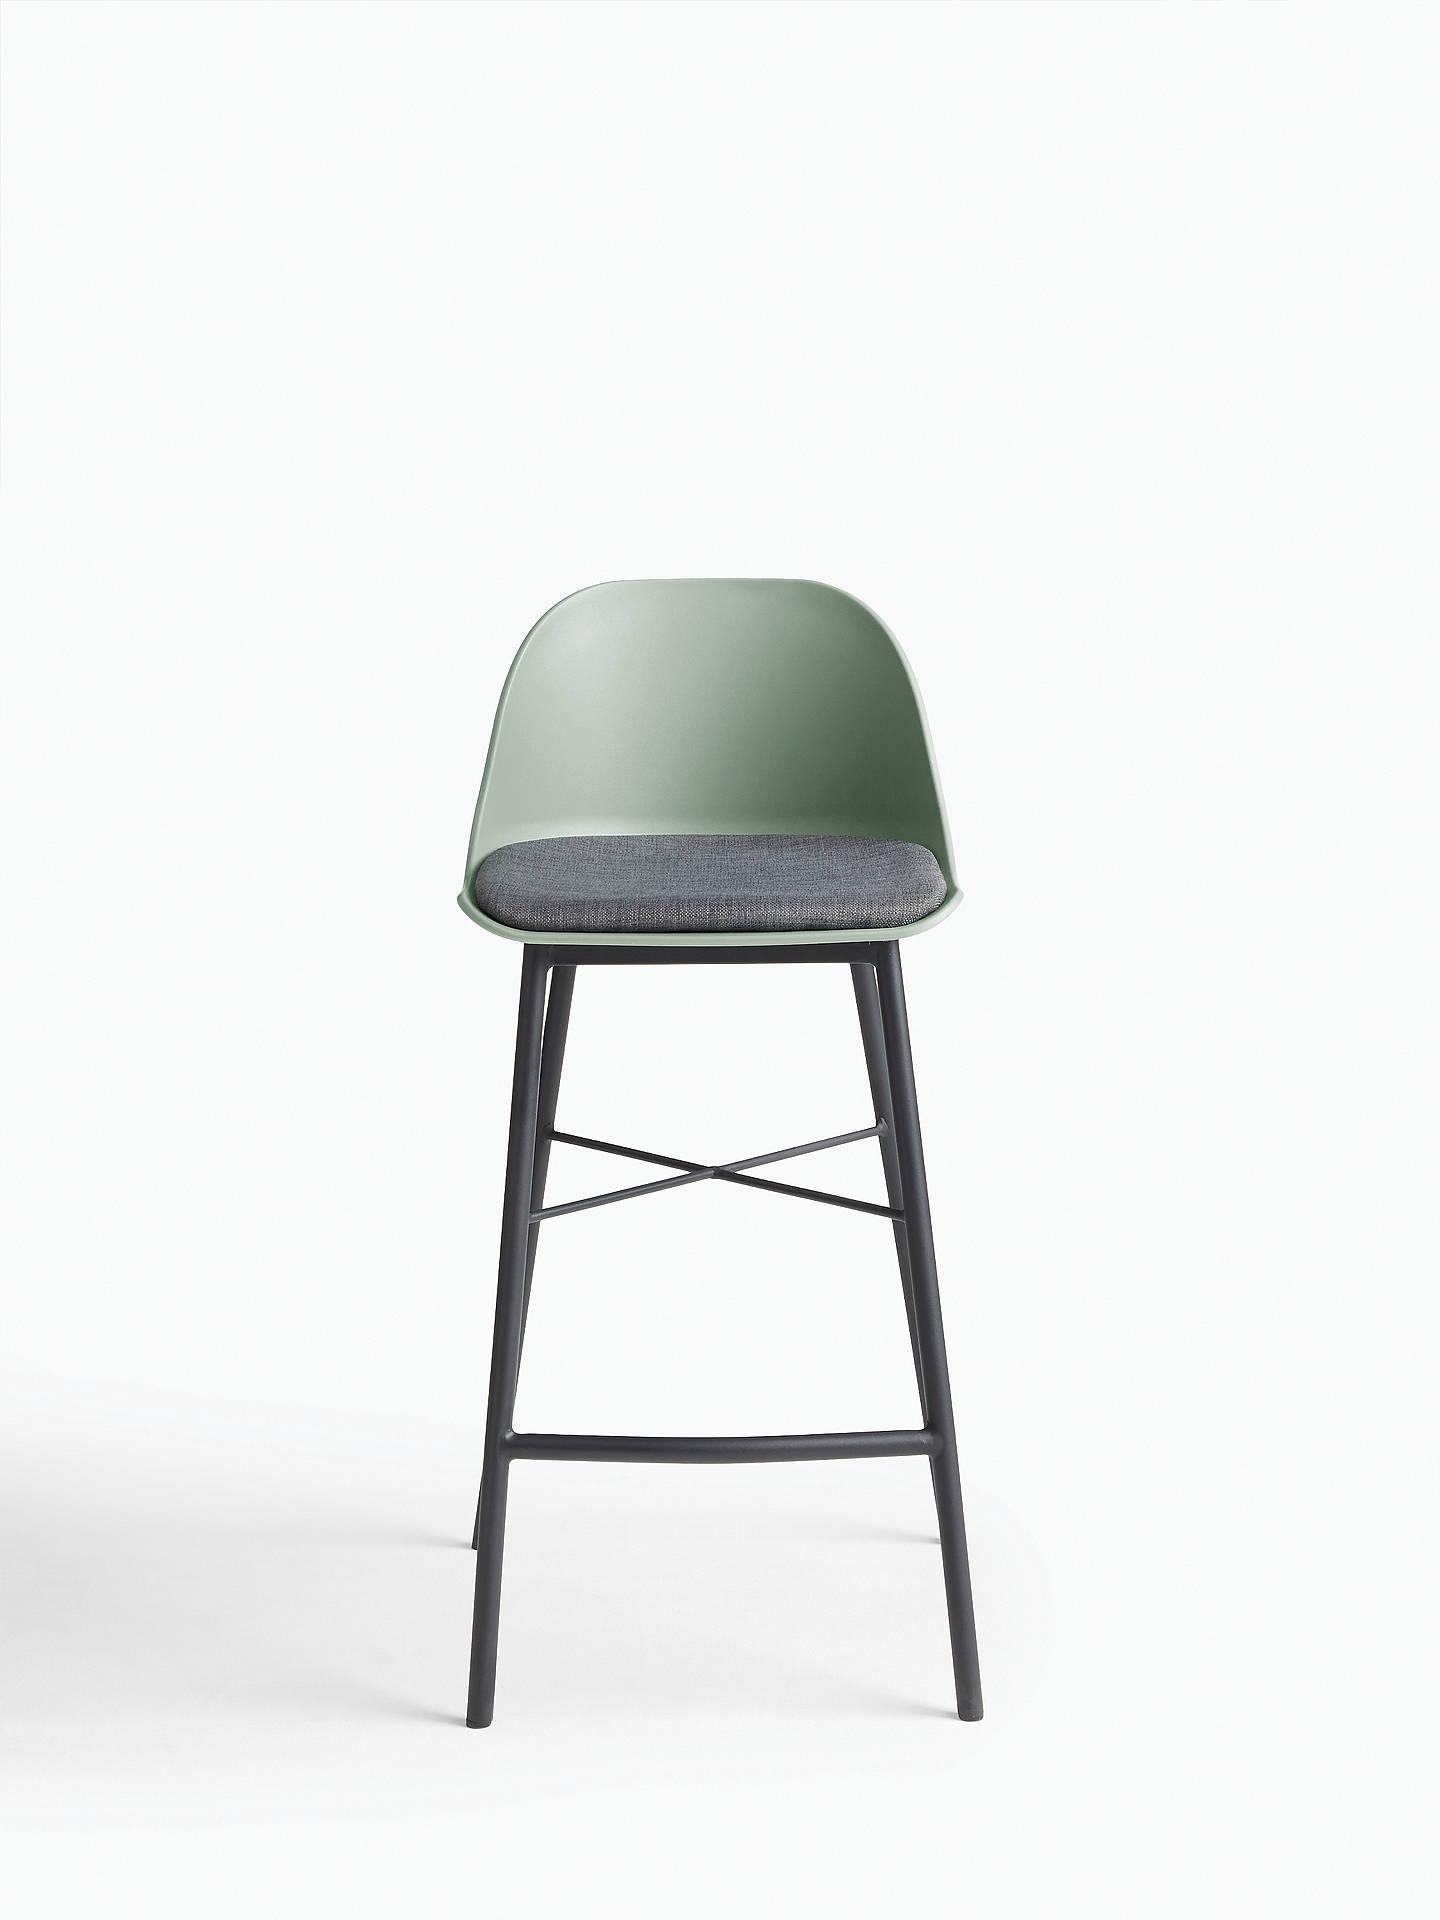 housejohn lewis whistler bar stool at john lewis